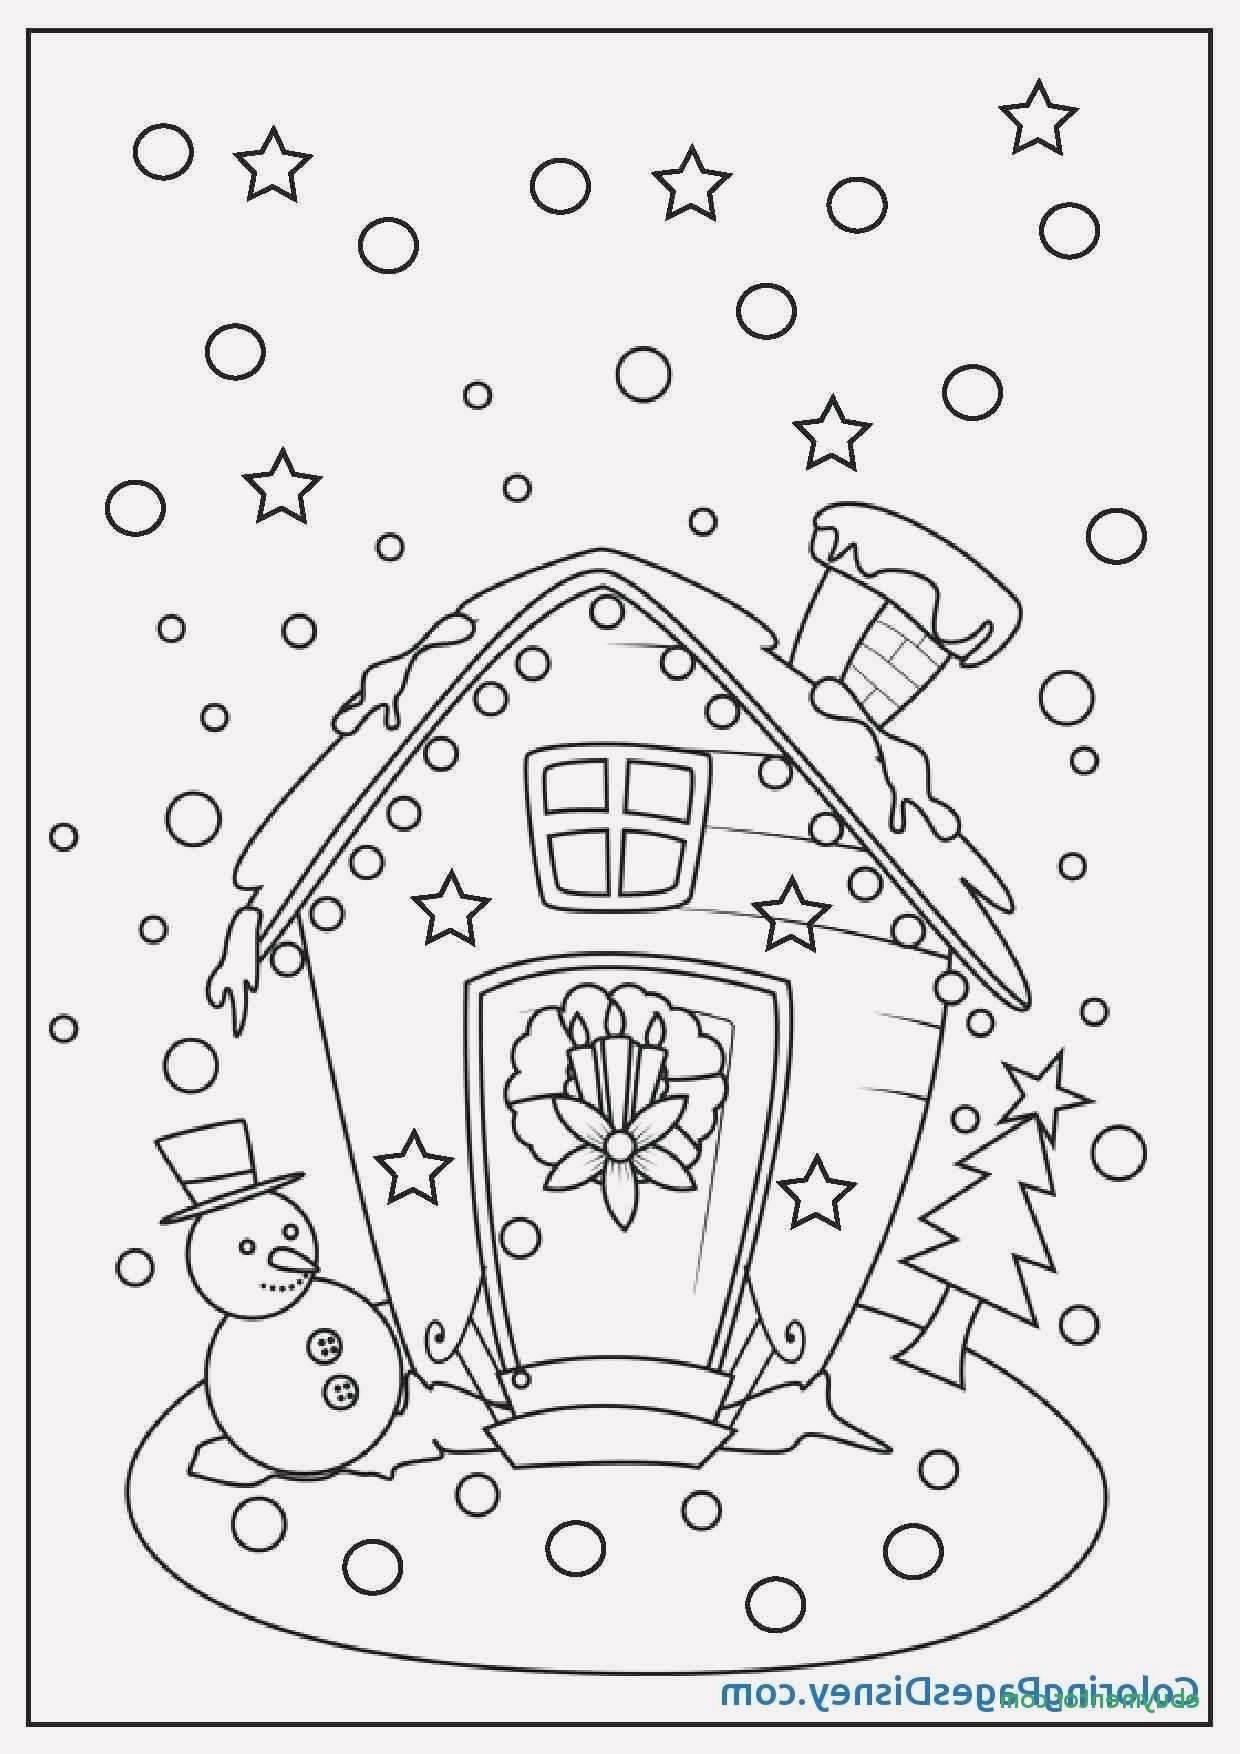 Winni Pooh Ausmalbilder Das Beste Von 34 Frisch Weihnachten Ausmalbilder – Malvorlagen Ideen Bild